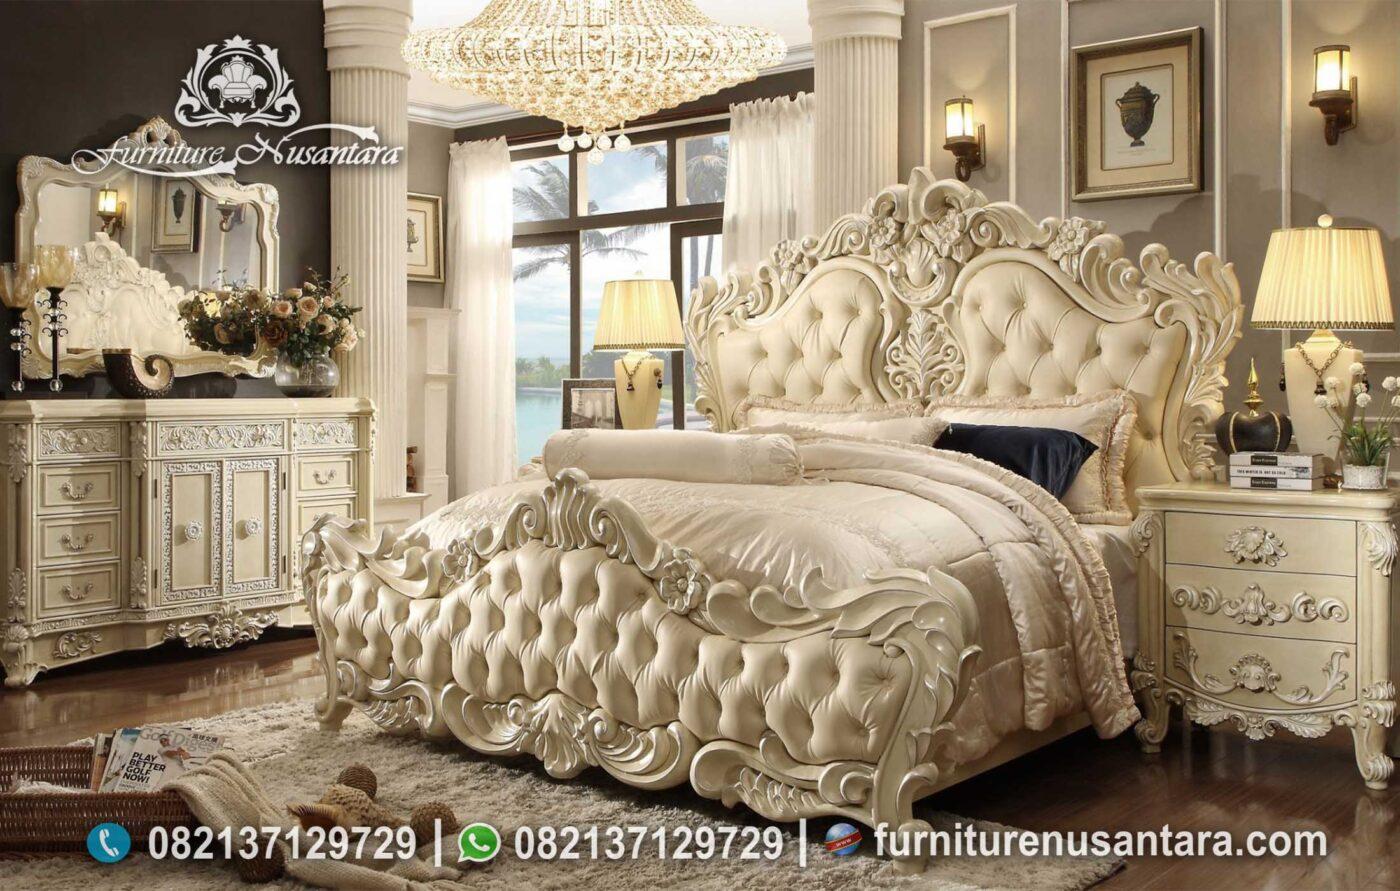 Kamar Set Klasik Eropa Elegan Mewah KS-236, Furniture Nusantara